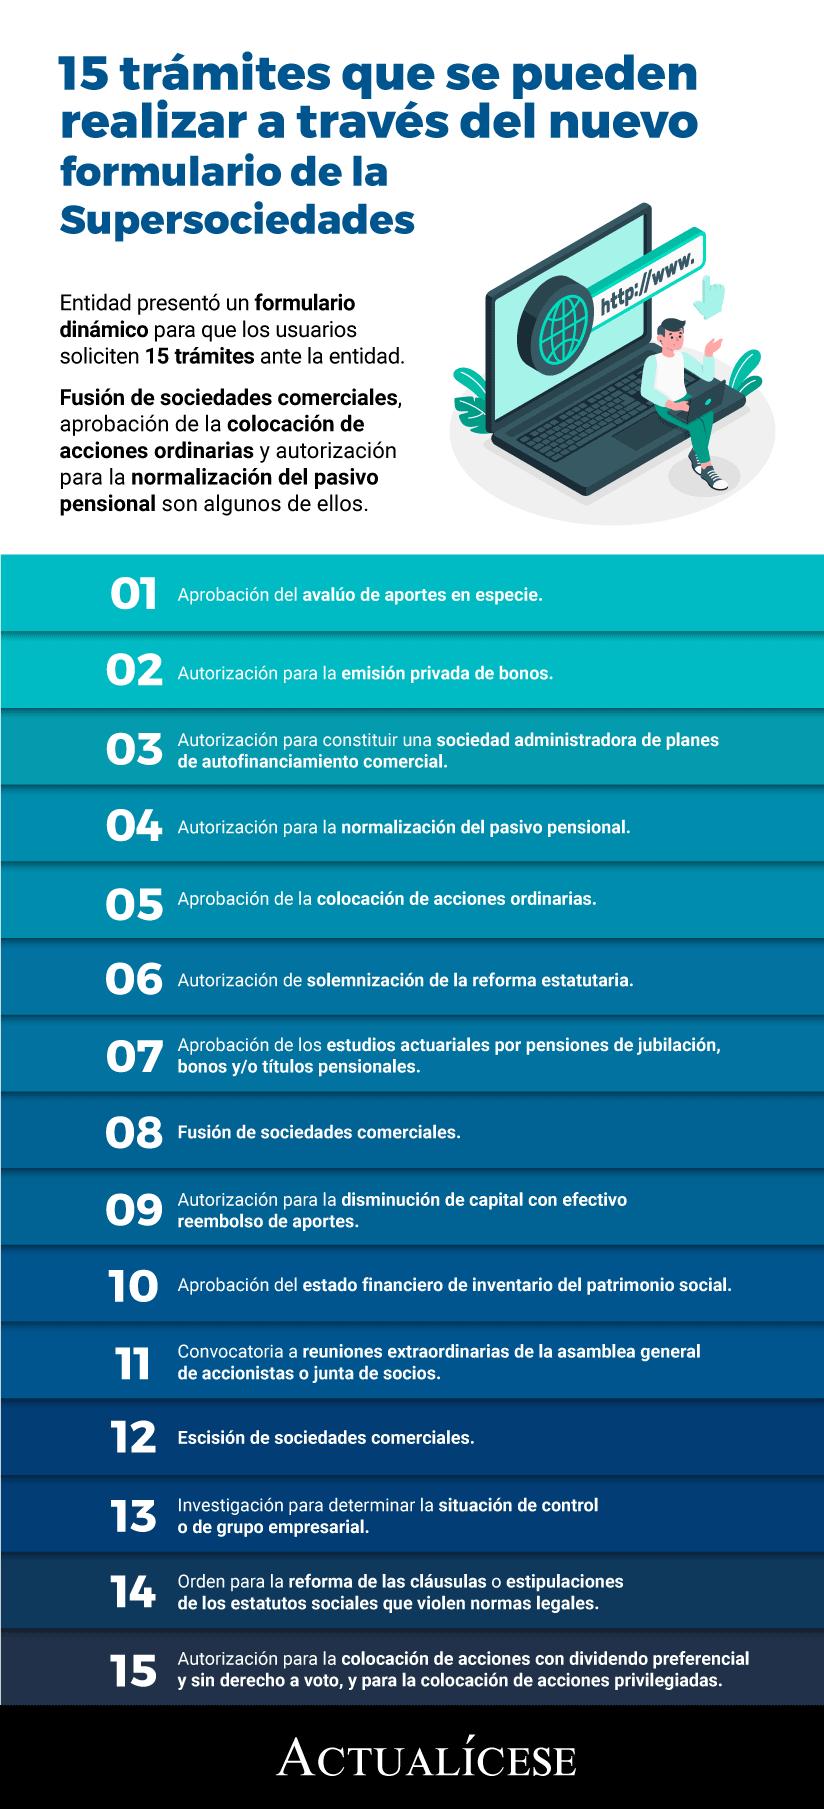 [Infografía] 15 trámites que se pueden realizar a través del nuevo formulario de la Supersociedades